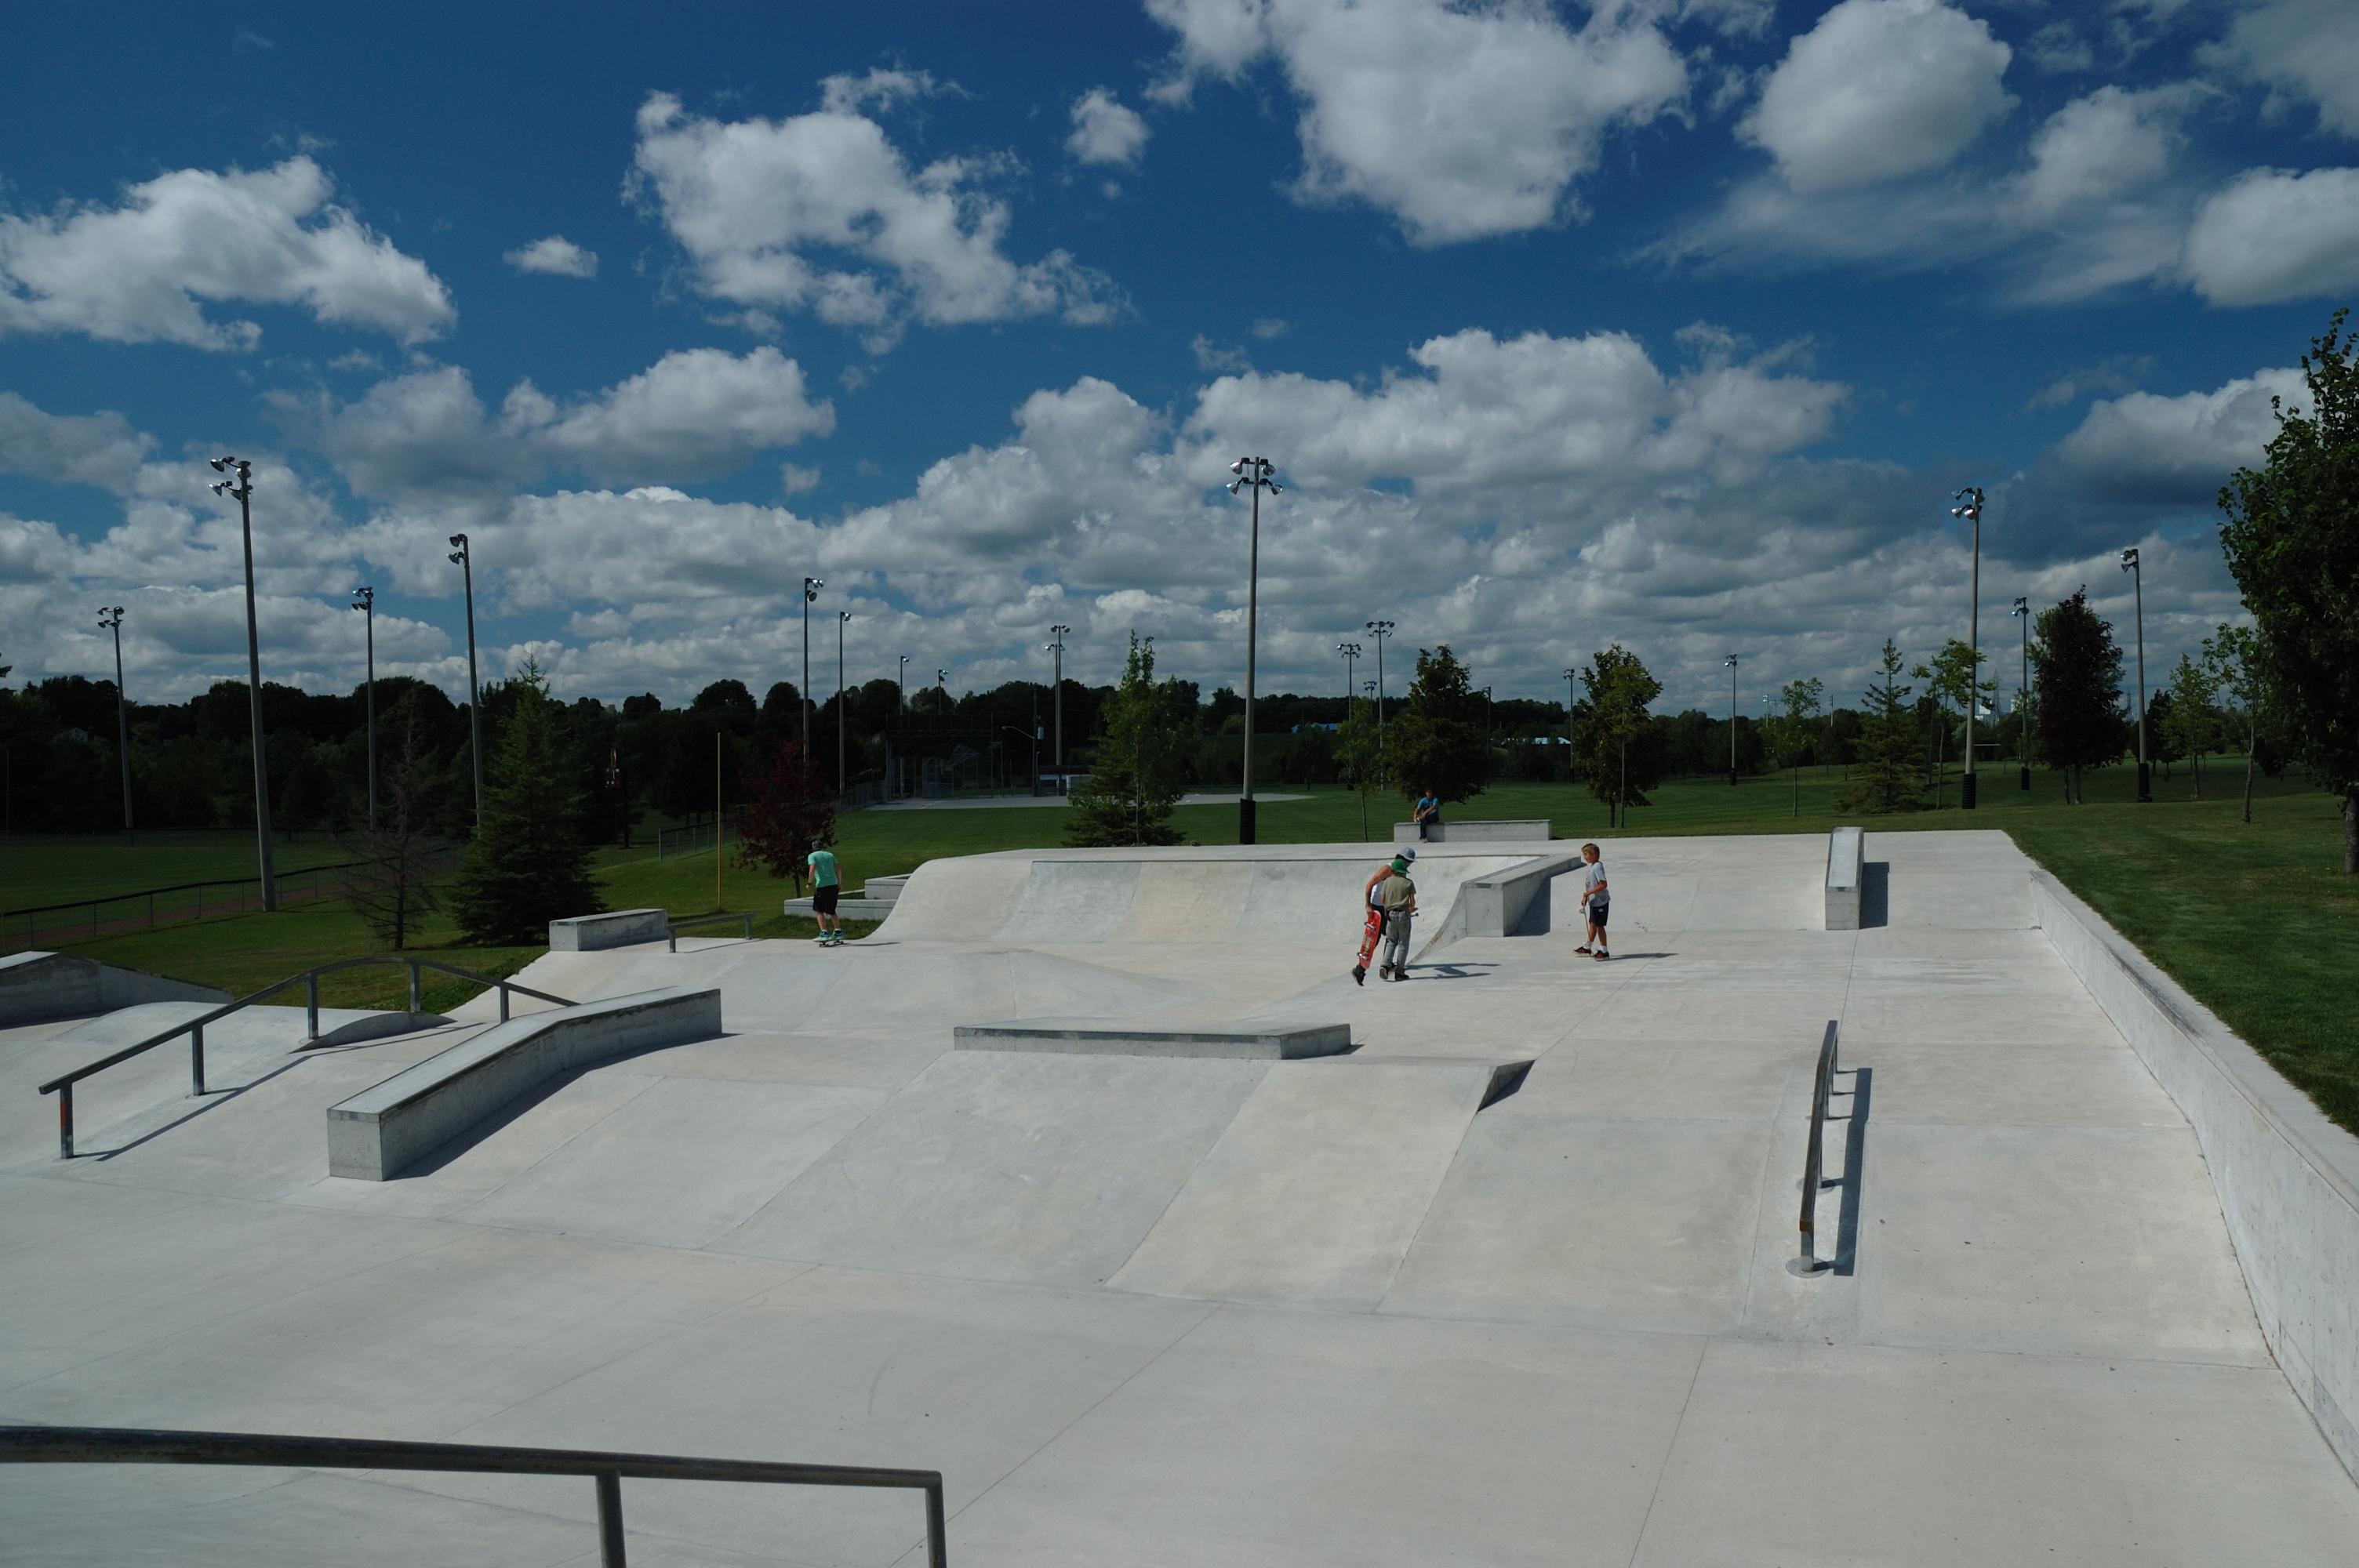 Brockville Skatepark